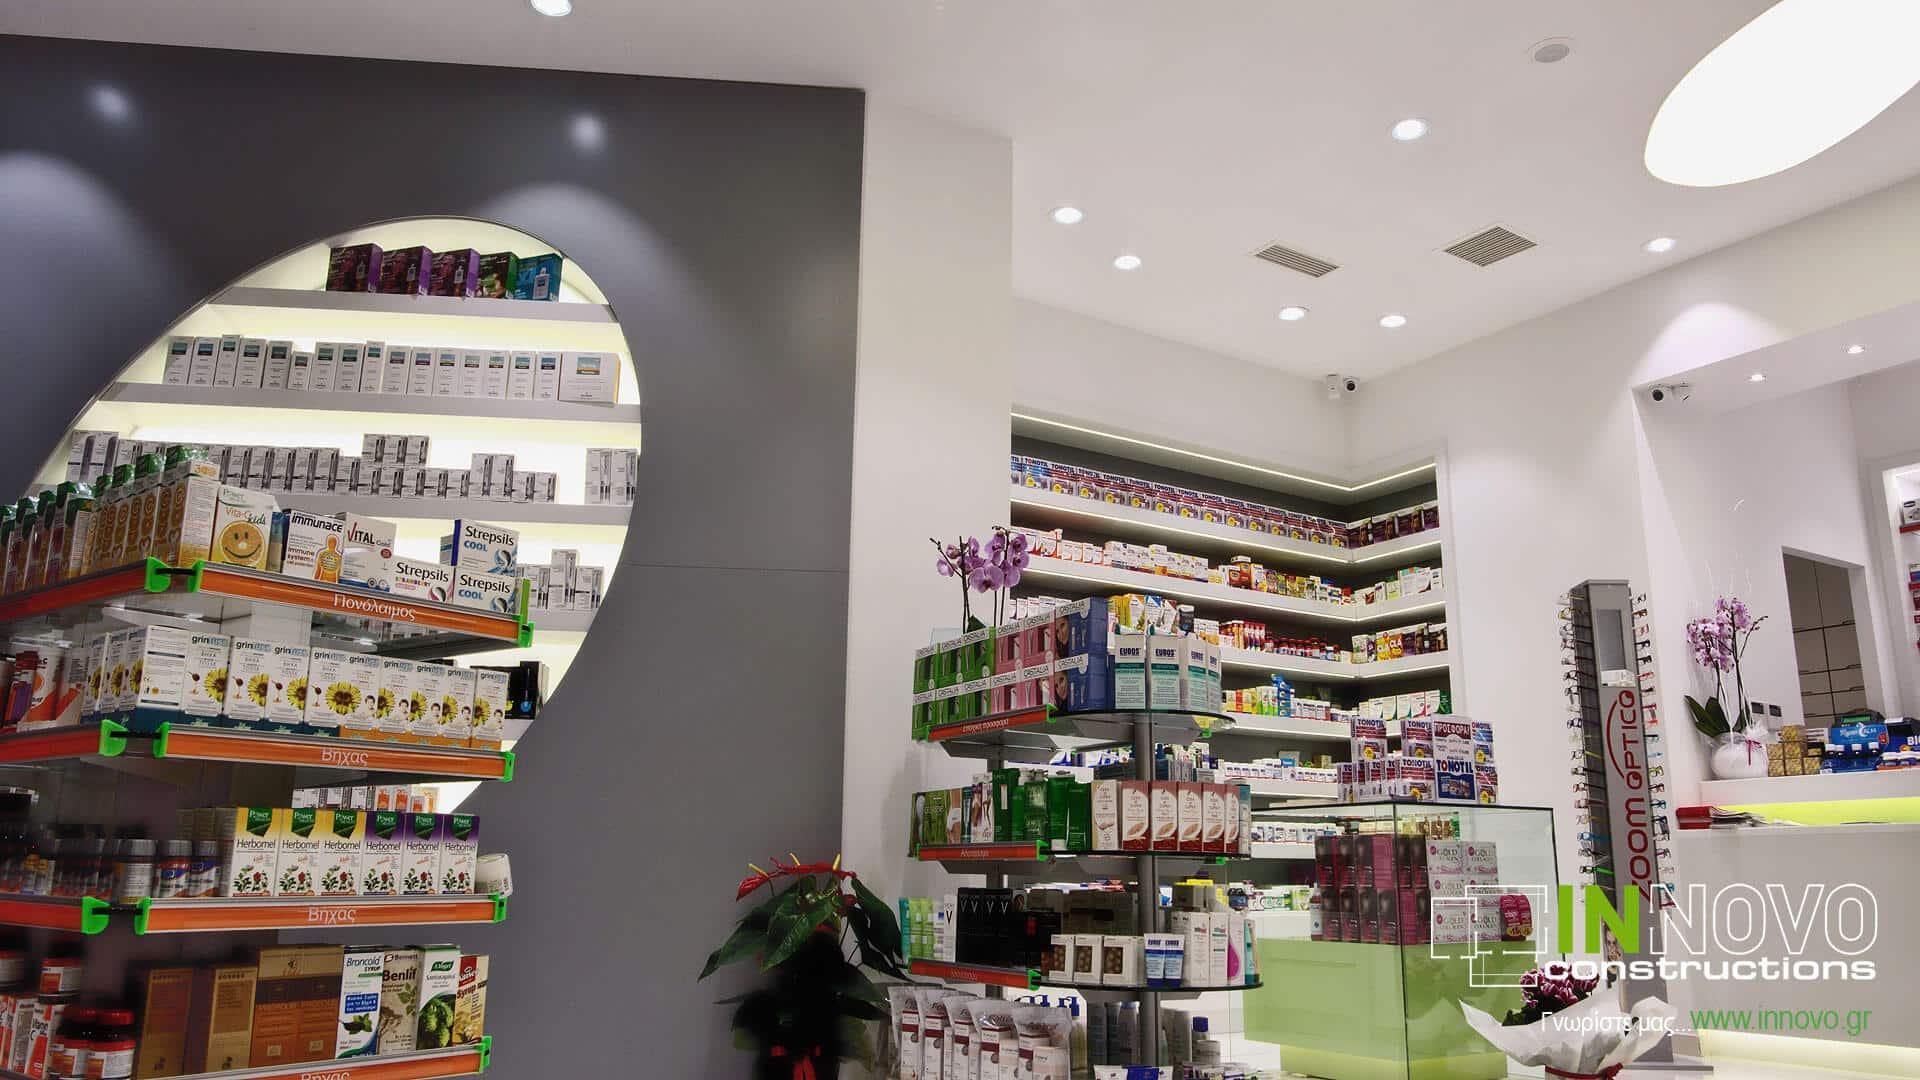 Σχεδιασμός ανακαίνισης Φαρμακείου στη Νέα Ερυθραία